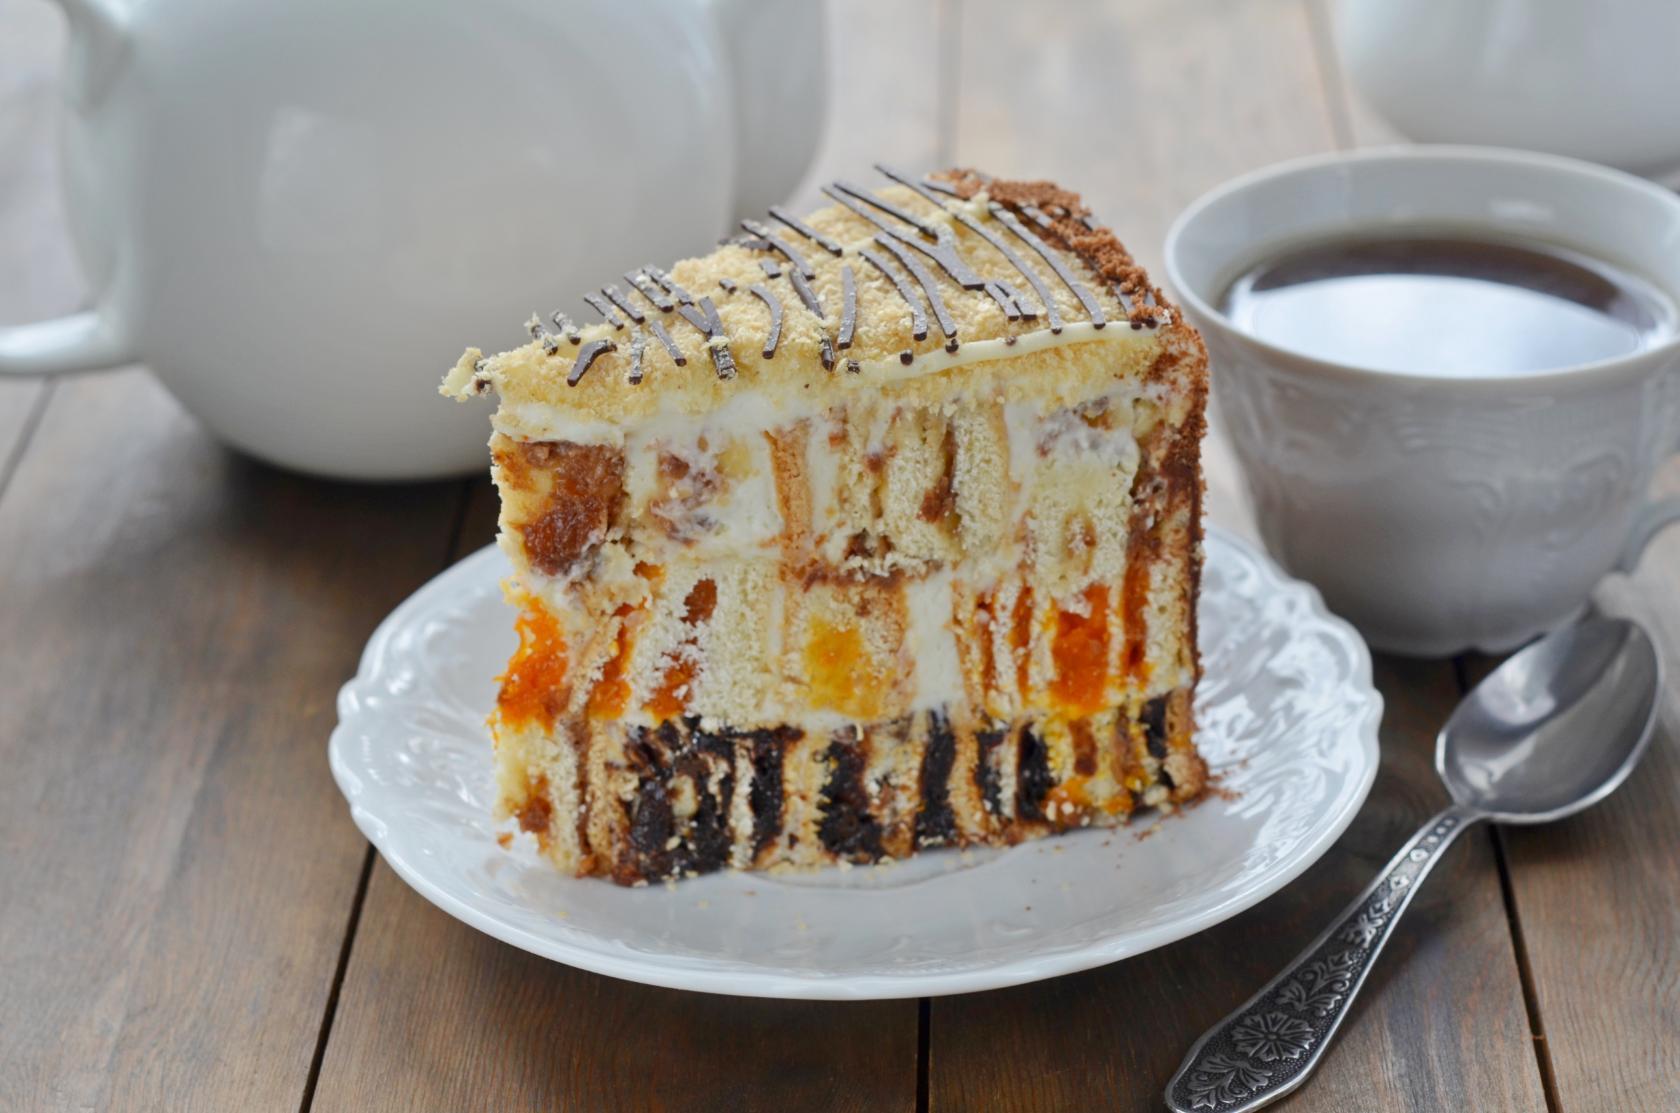 областной пирожное пенек рецепт с фото по госту праздничная рамка для